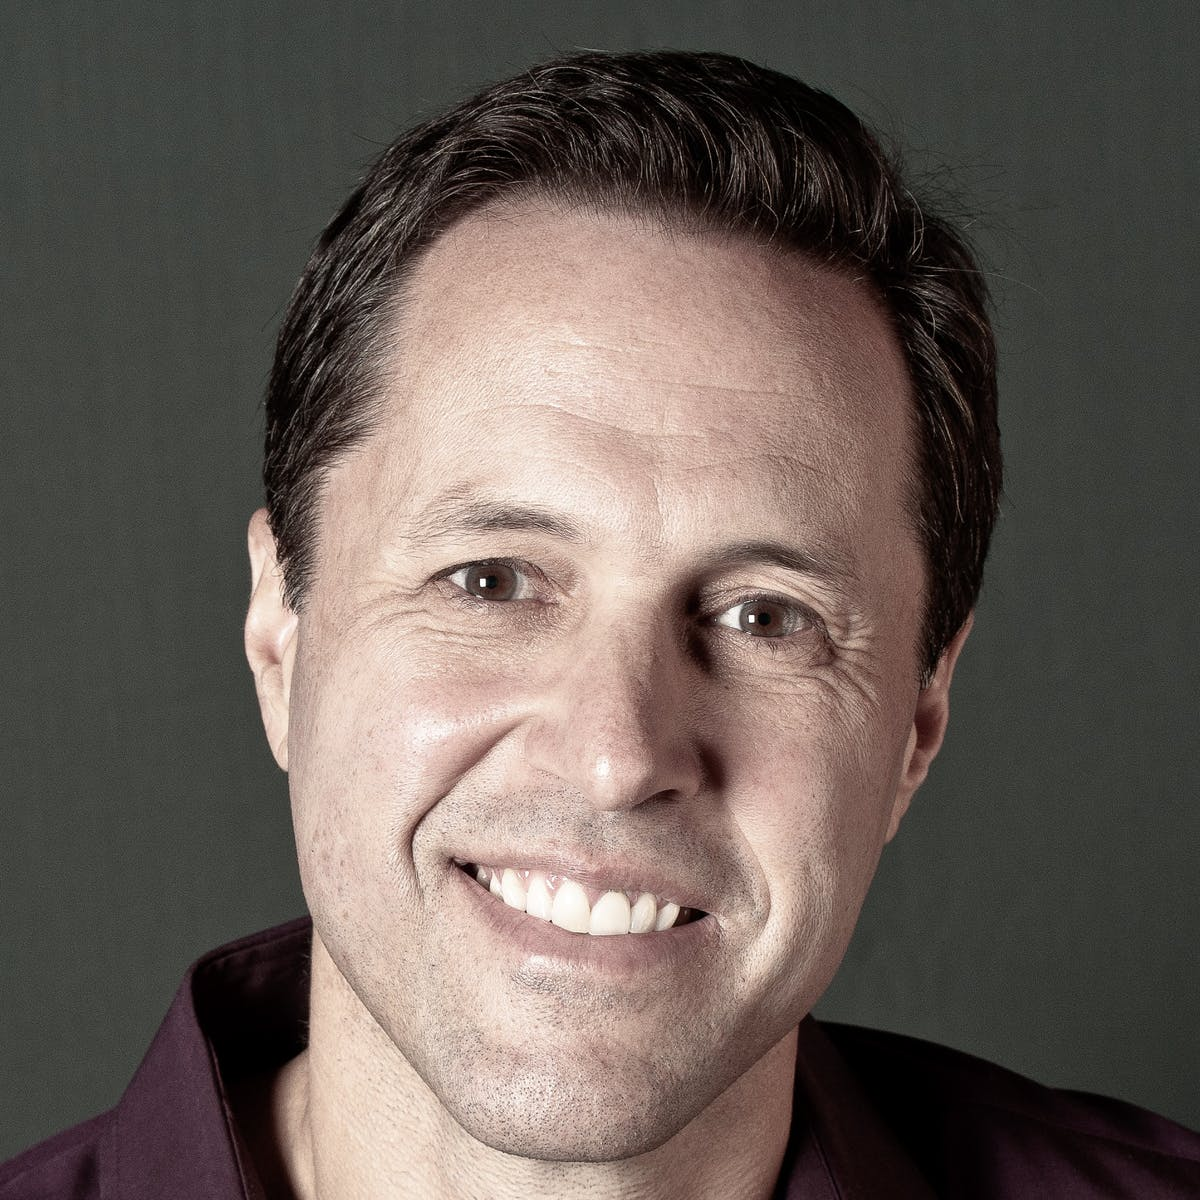 Dr. Greg Asner